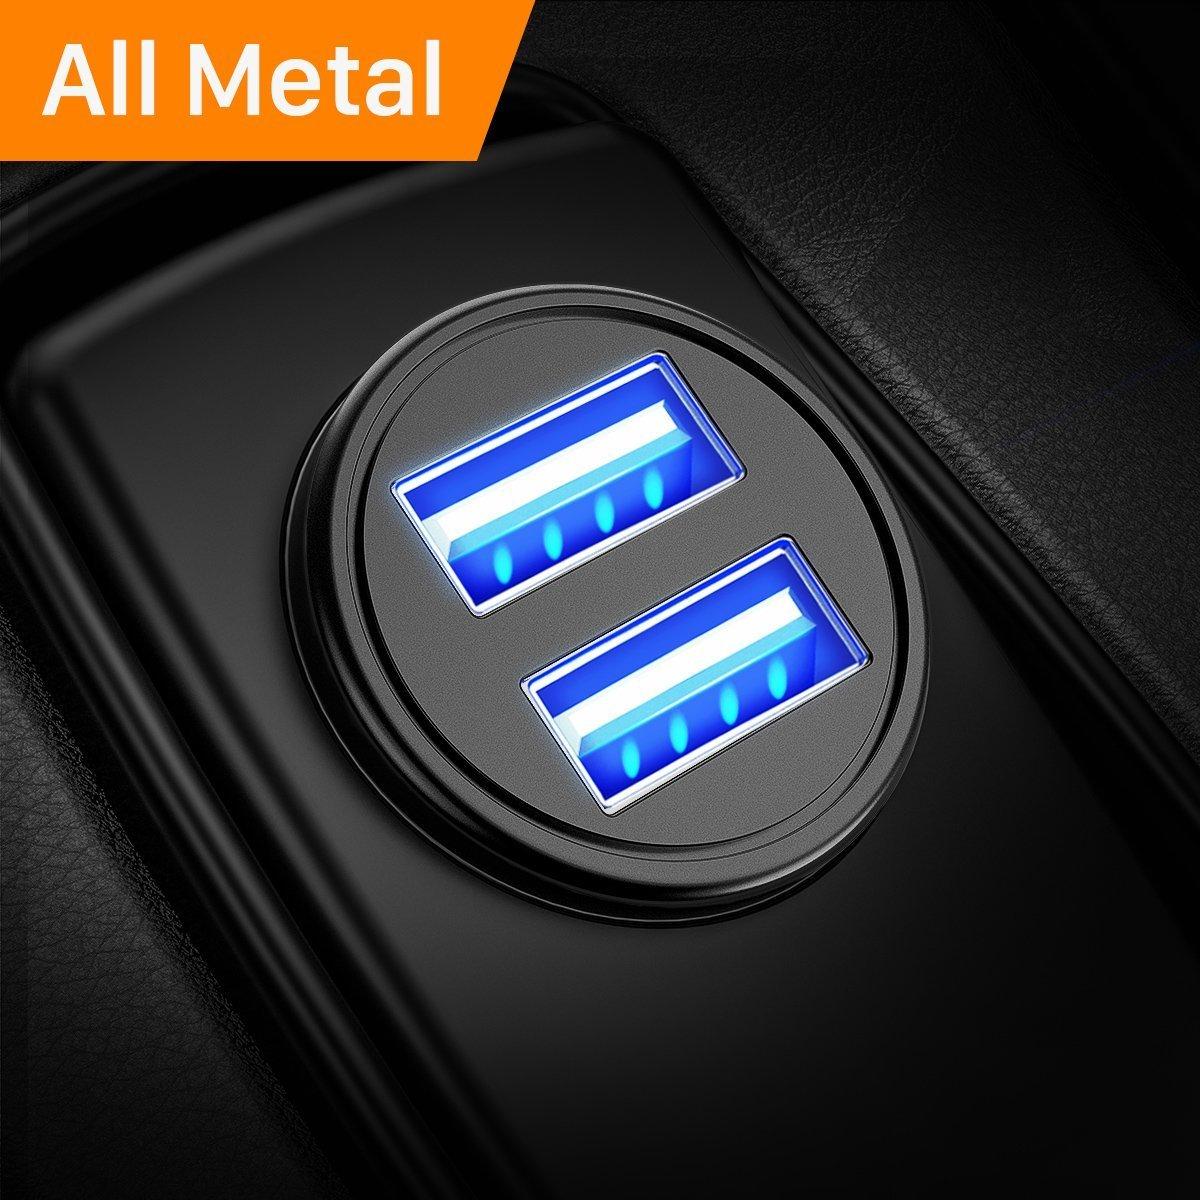 Caricabatteria auto USB, 4.8A Caricatore adattatore universale Caricabatterie da auto 2 Porte Super Mini Alluminio macchina per Phone X / 8/7 / 6s / Plus, Galaxy S8/S7/ Edge, Huawei P9/P10 (Argento) DIVI